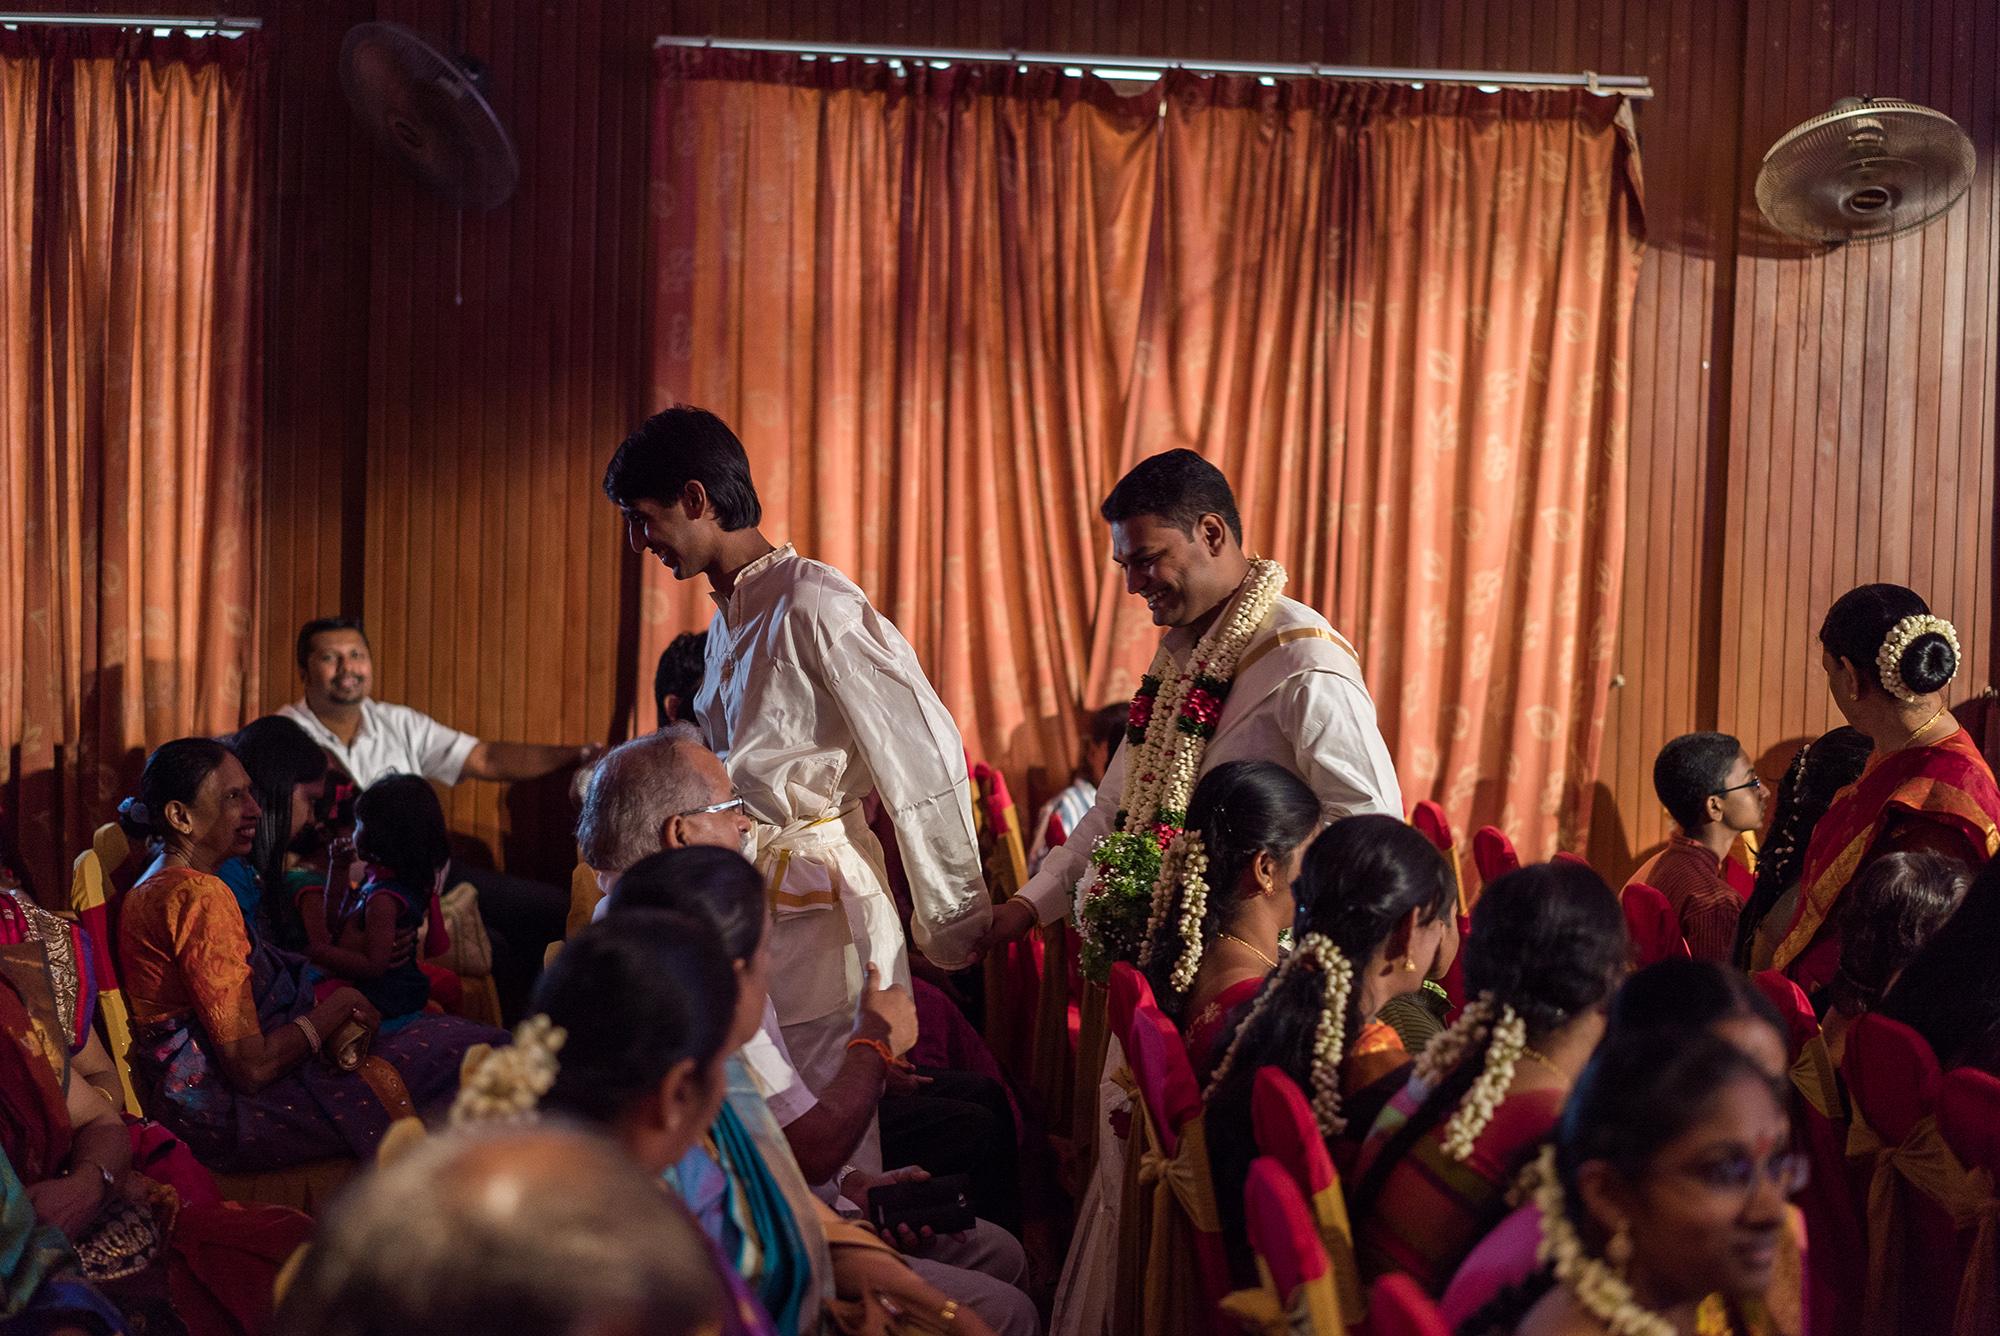 Indian groom and groomsmaid leaving